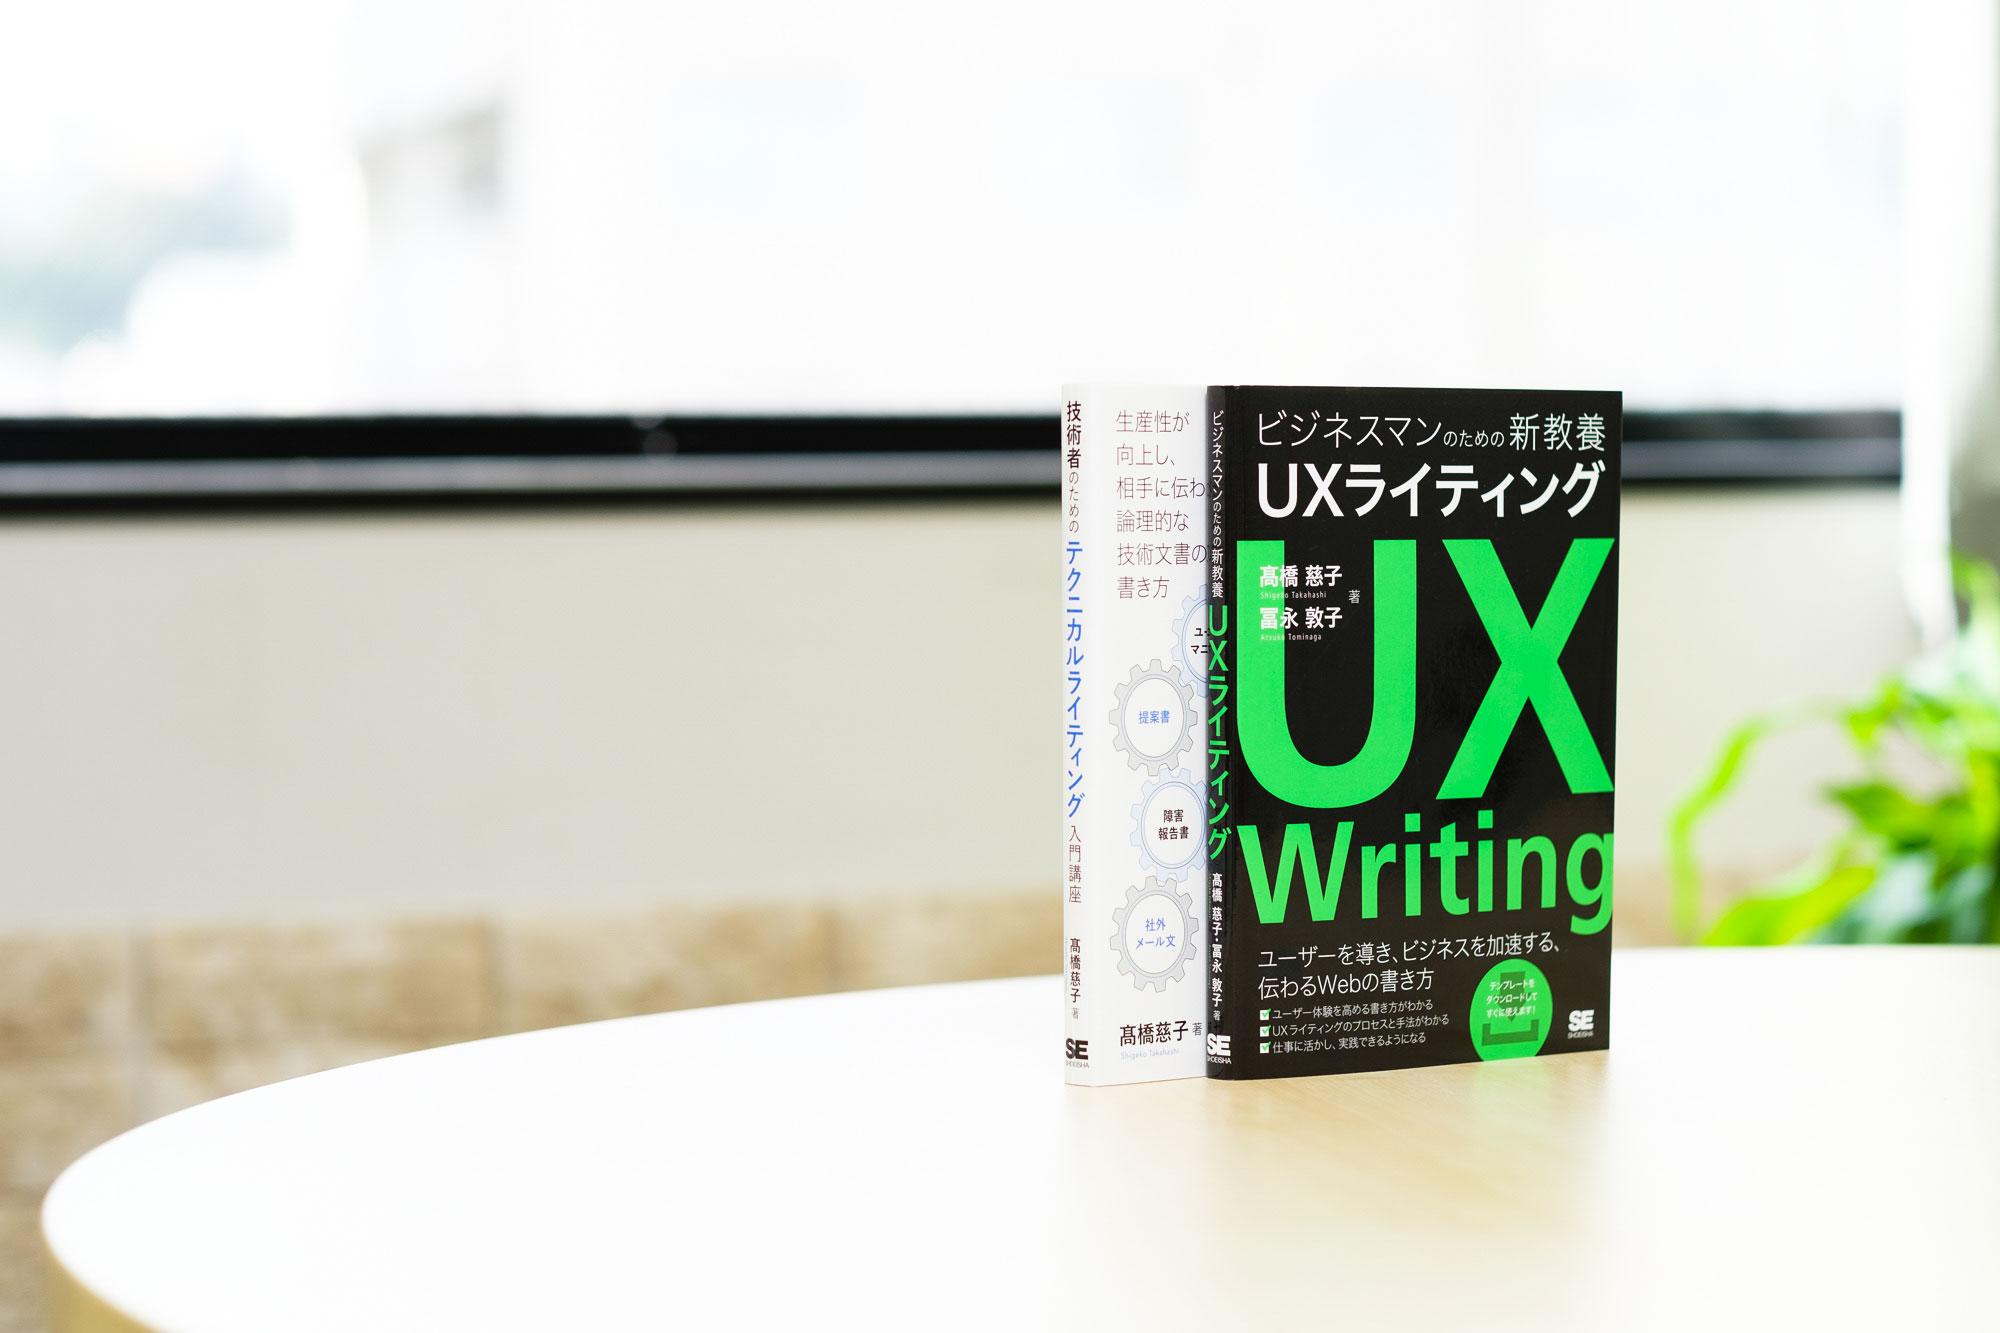 『ビジネスマンの新常識 UXライティング』(翔泳社)より刊行